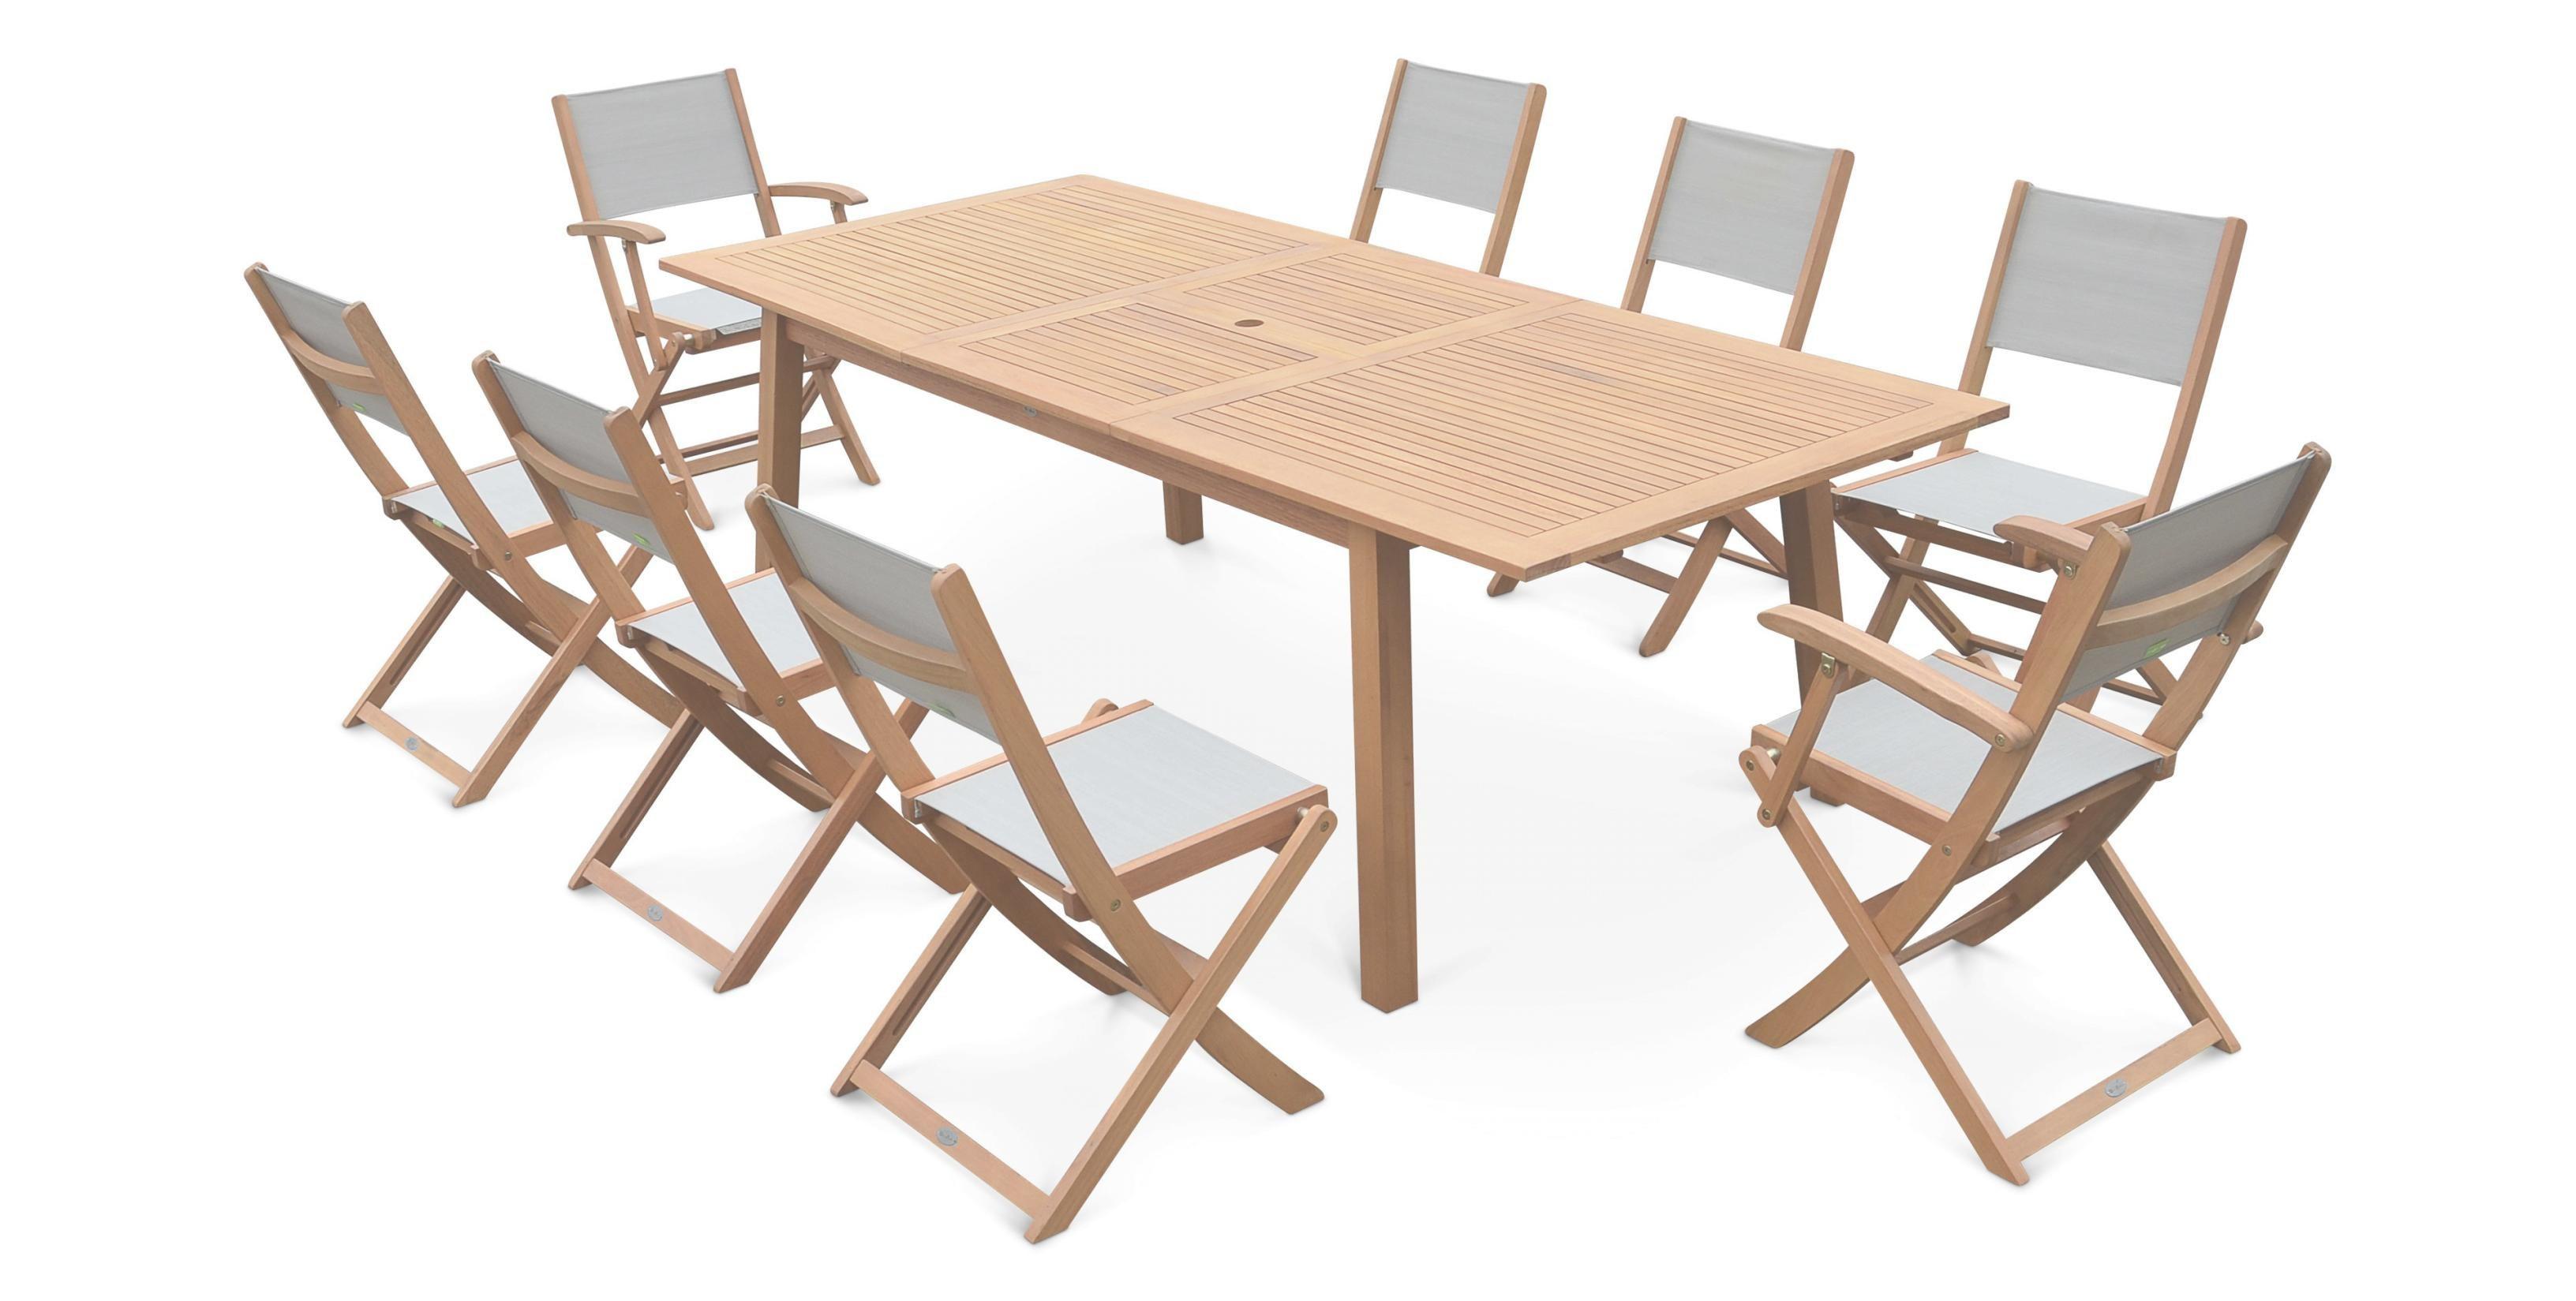 Transat Super U Frais Stock Super U Table De Jardin Avec Splendide Emejing Salon De Jardin Bas